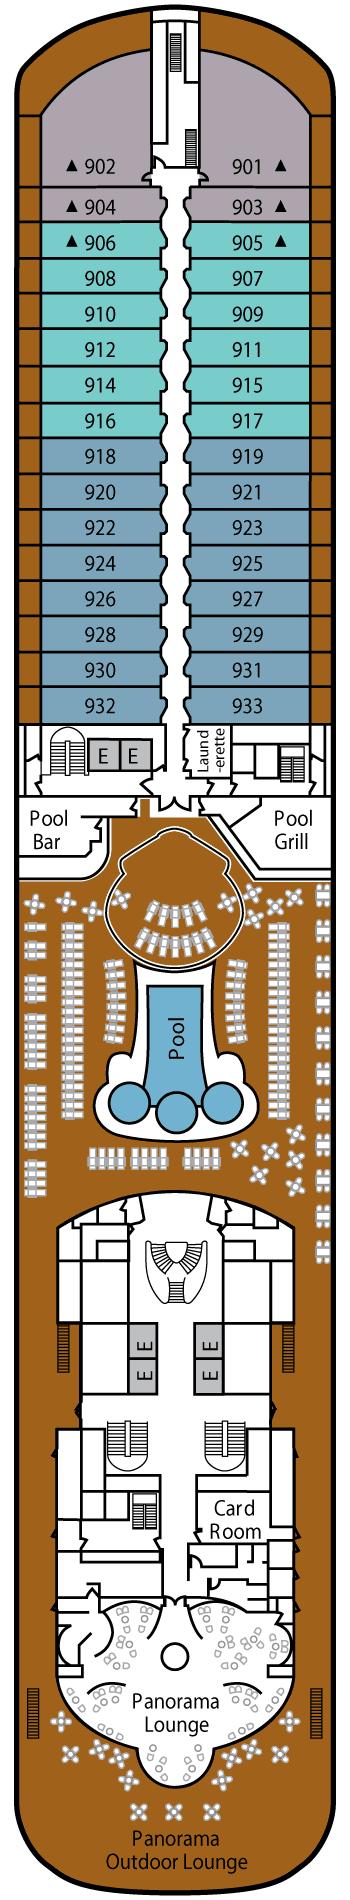 Silver Spirit - Deck 9